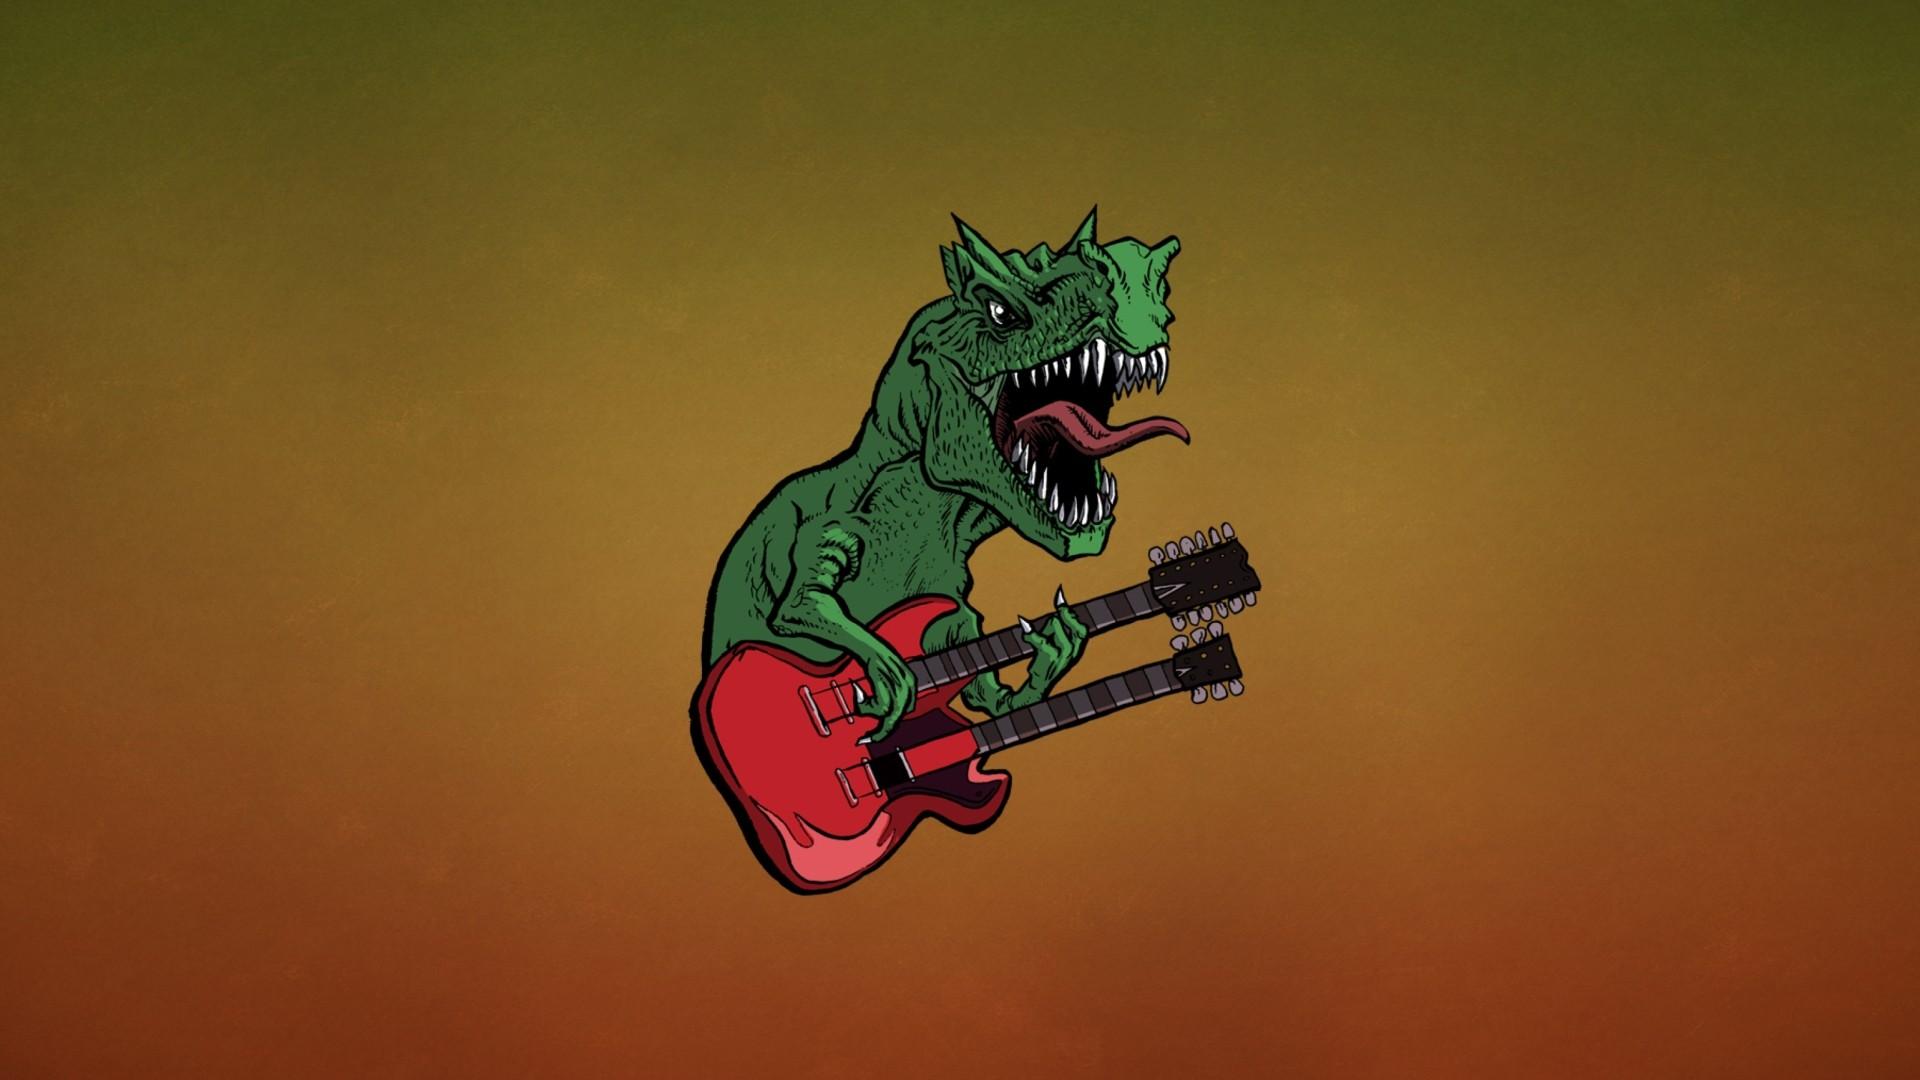 Minimalist Dinosaur Wallpaper 1920x1080